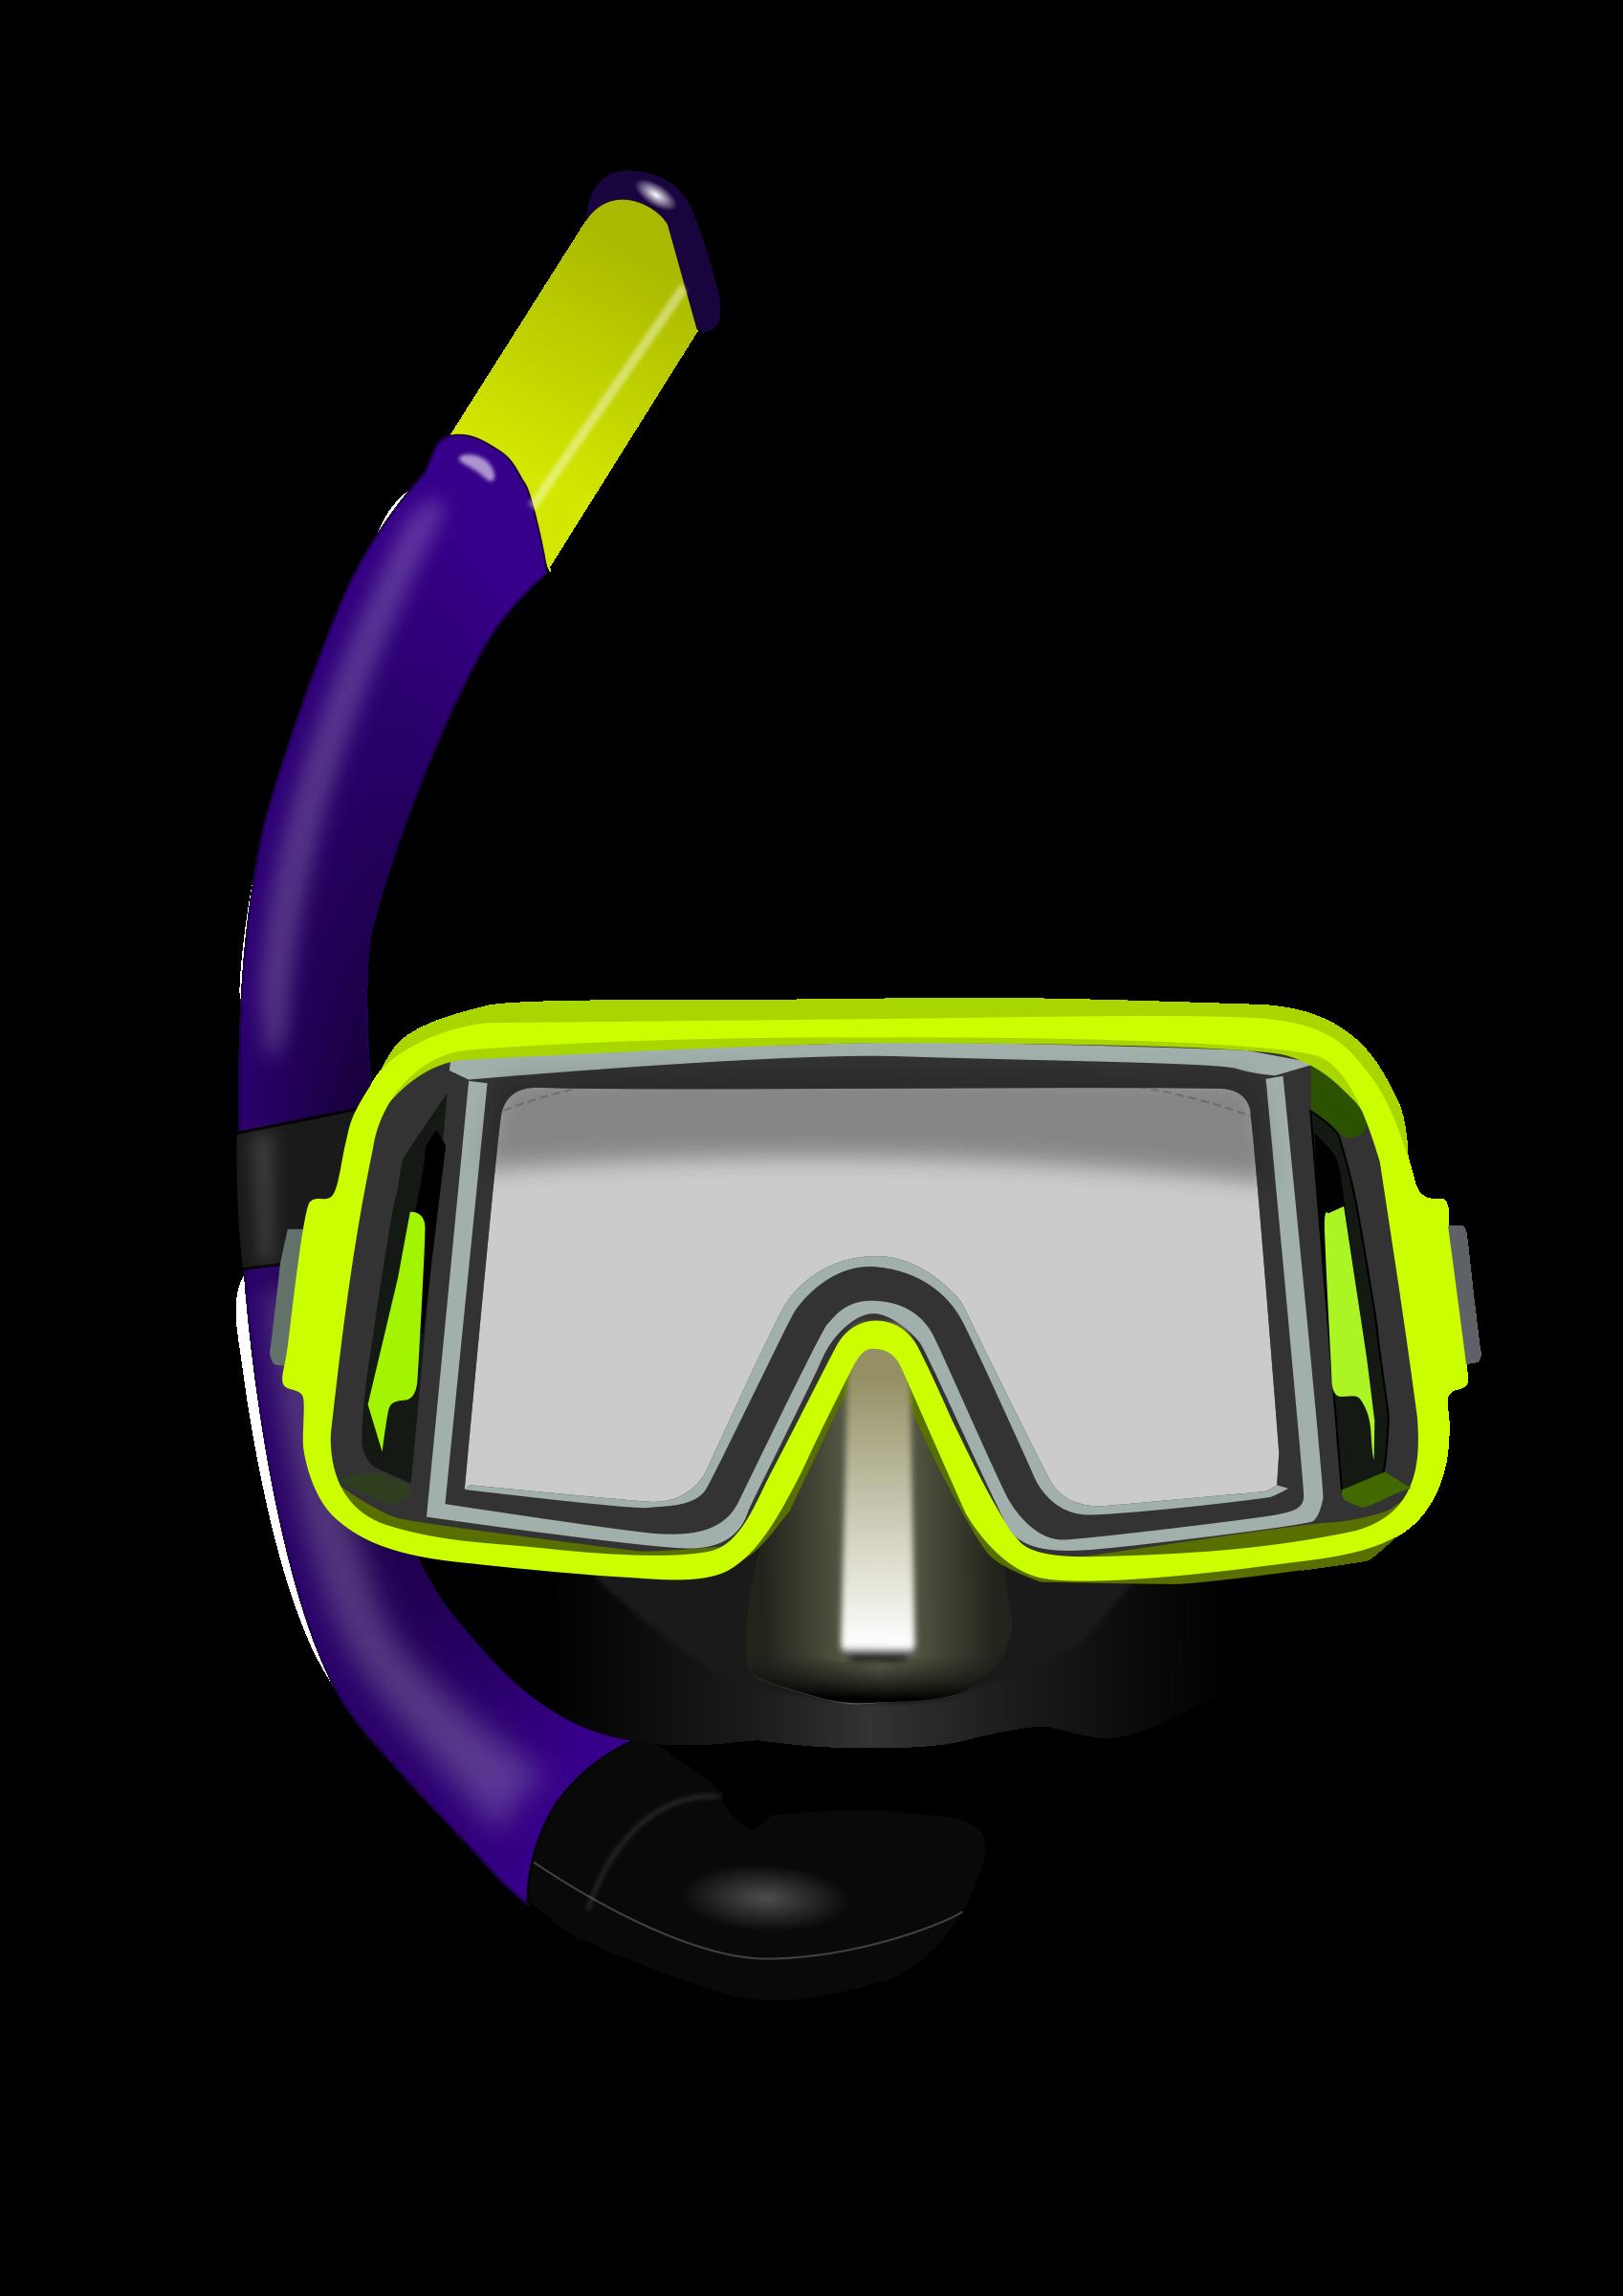 clip transparent download Goggles clipart diving goggles. Glasses big image png